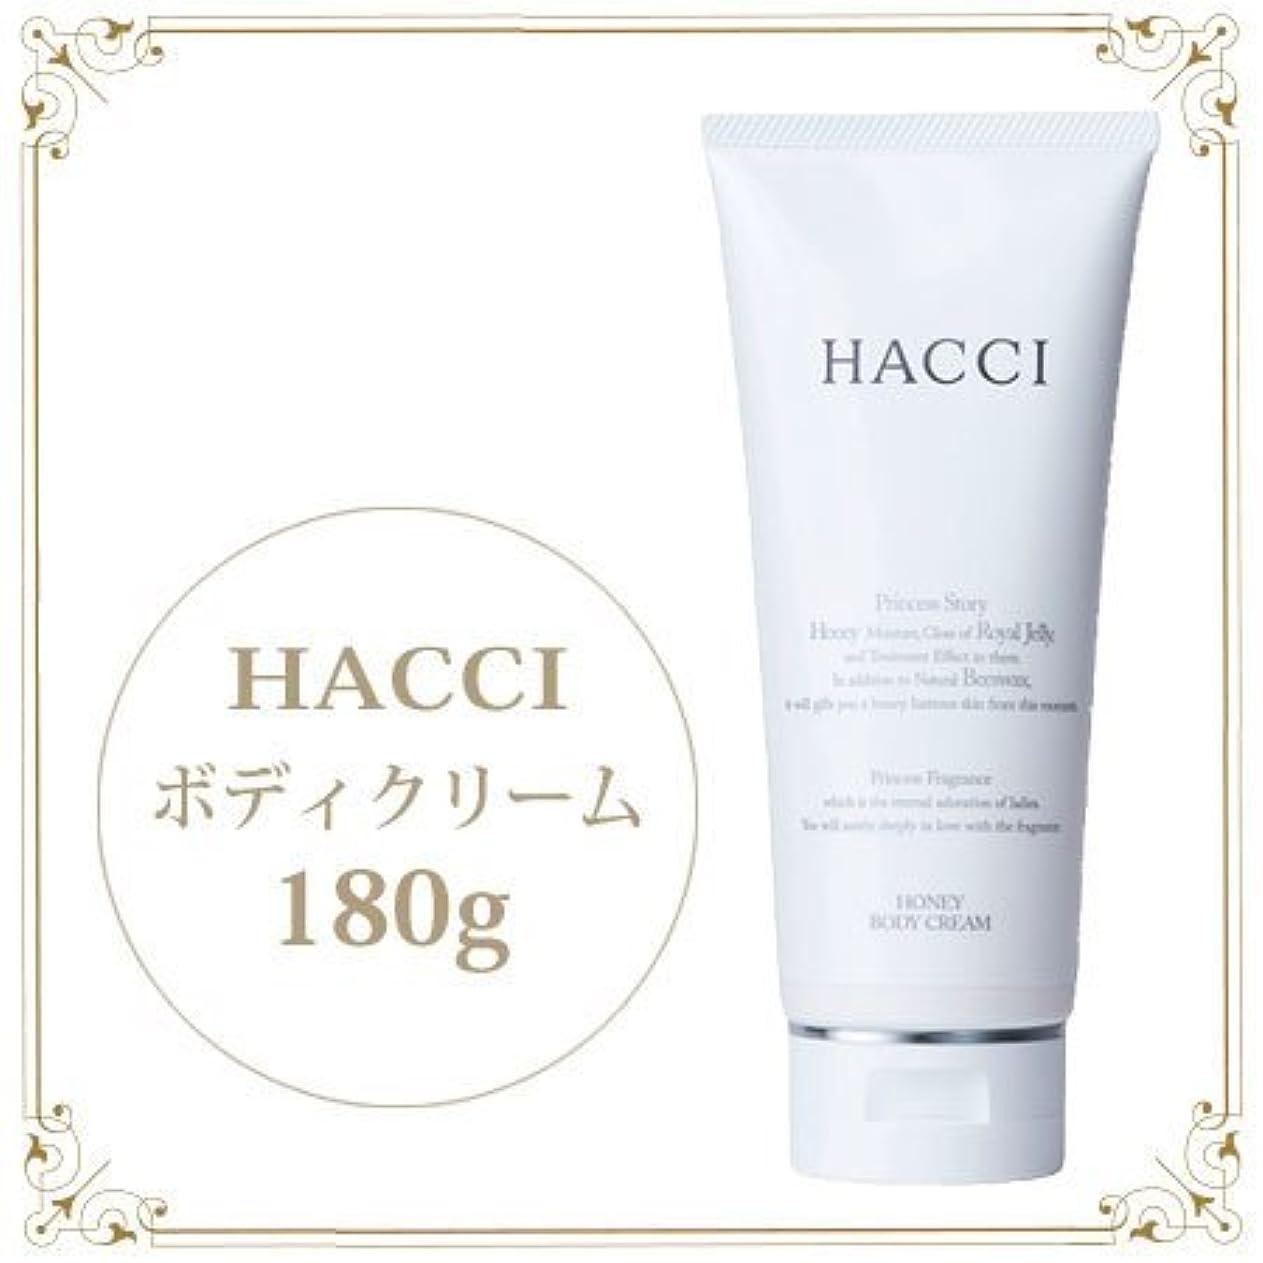 カメ実業家お酒ハッチ ボディクリーム 180g -HACCI 1912-